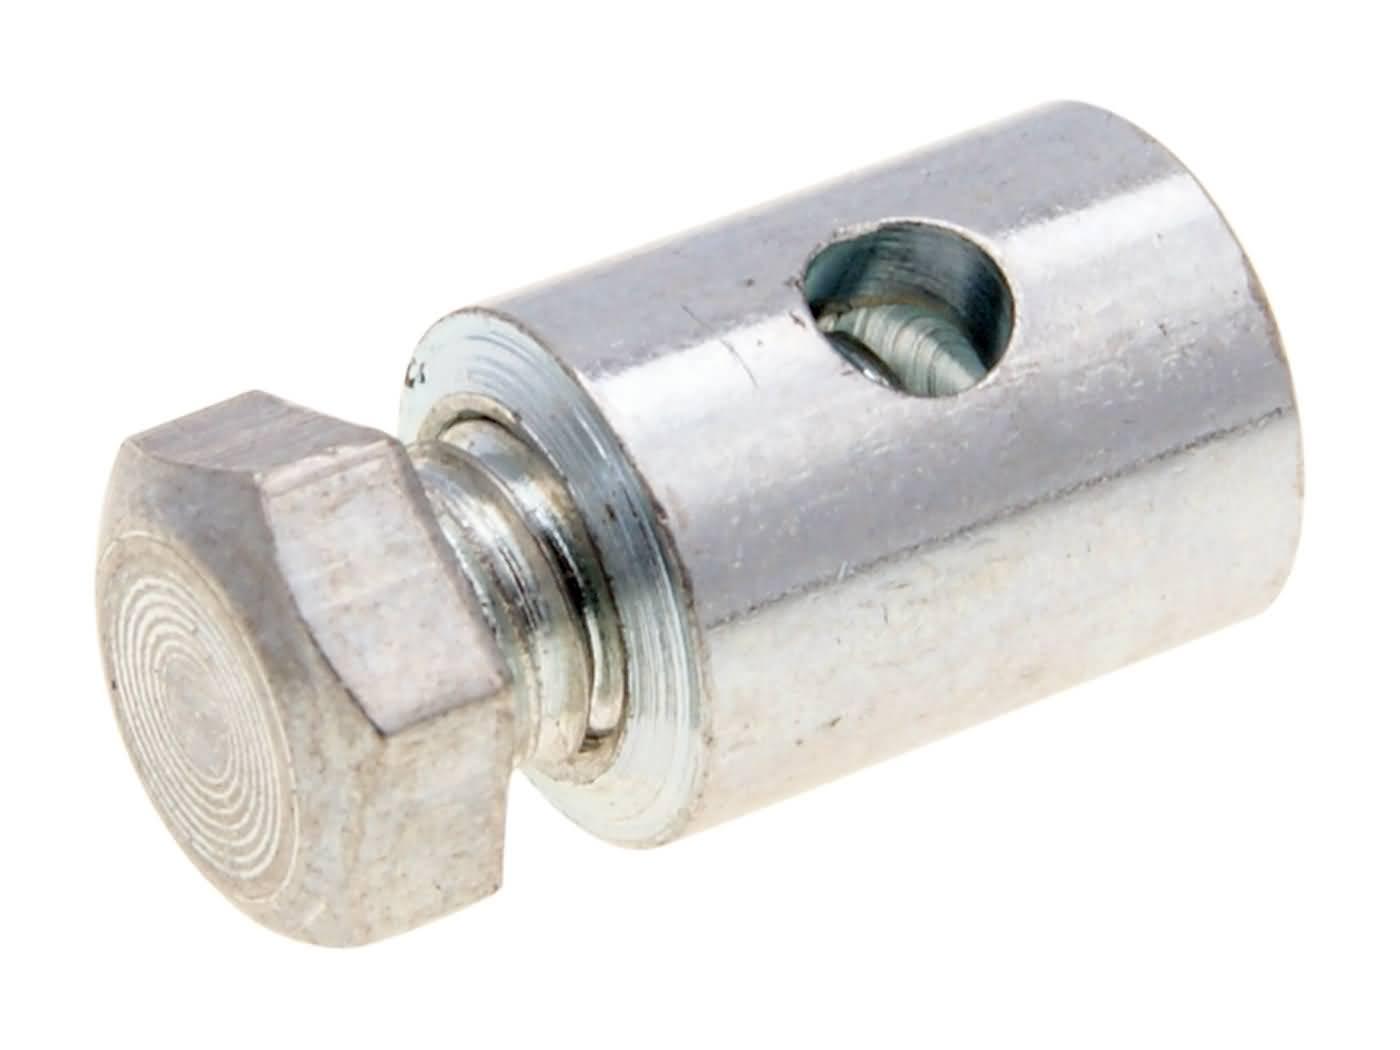 Schraubnippel f/ür Seilzug 6,0x14,0mm